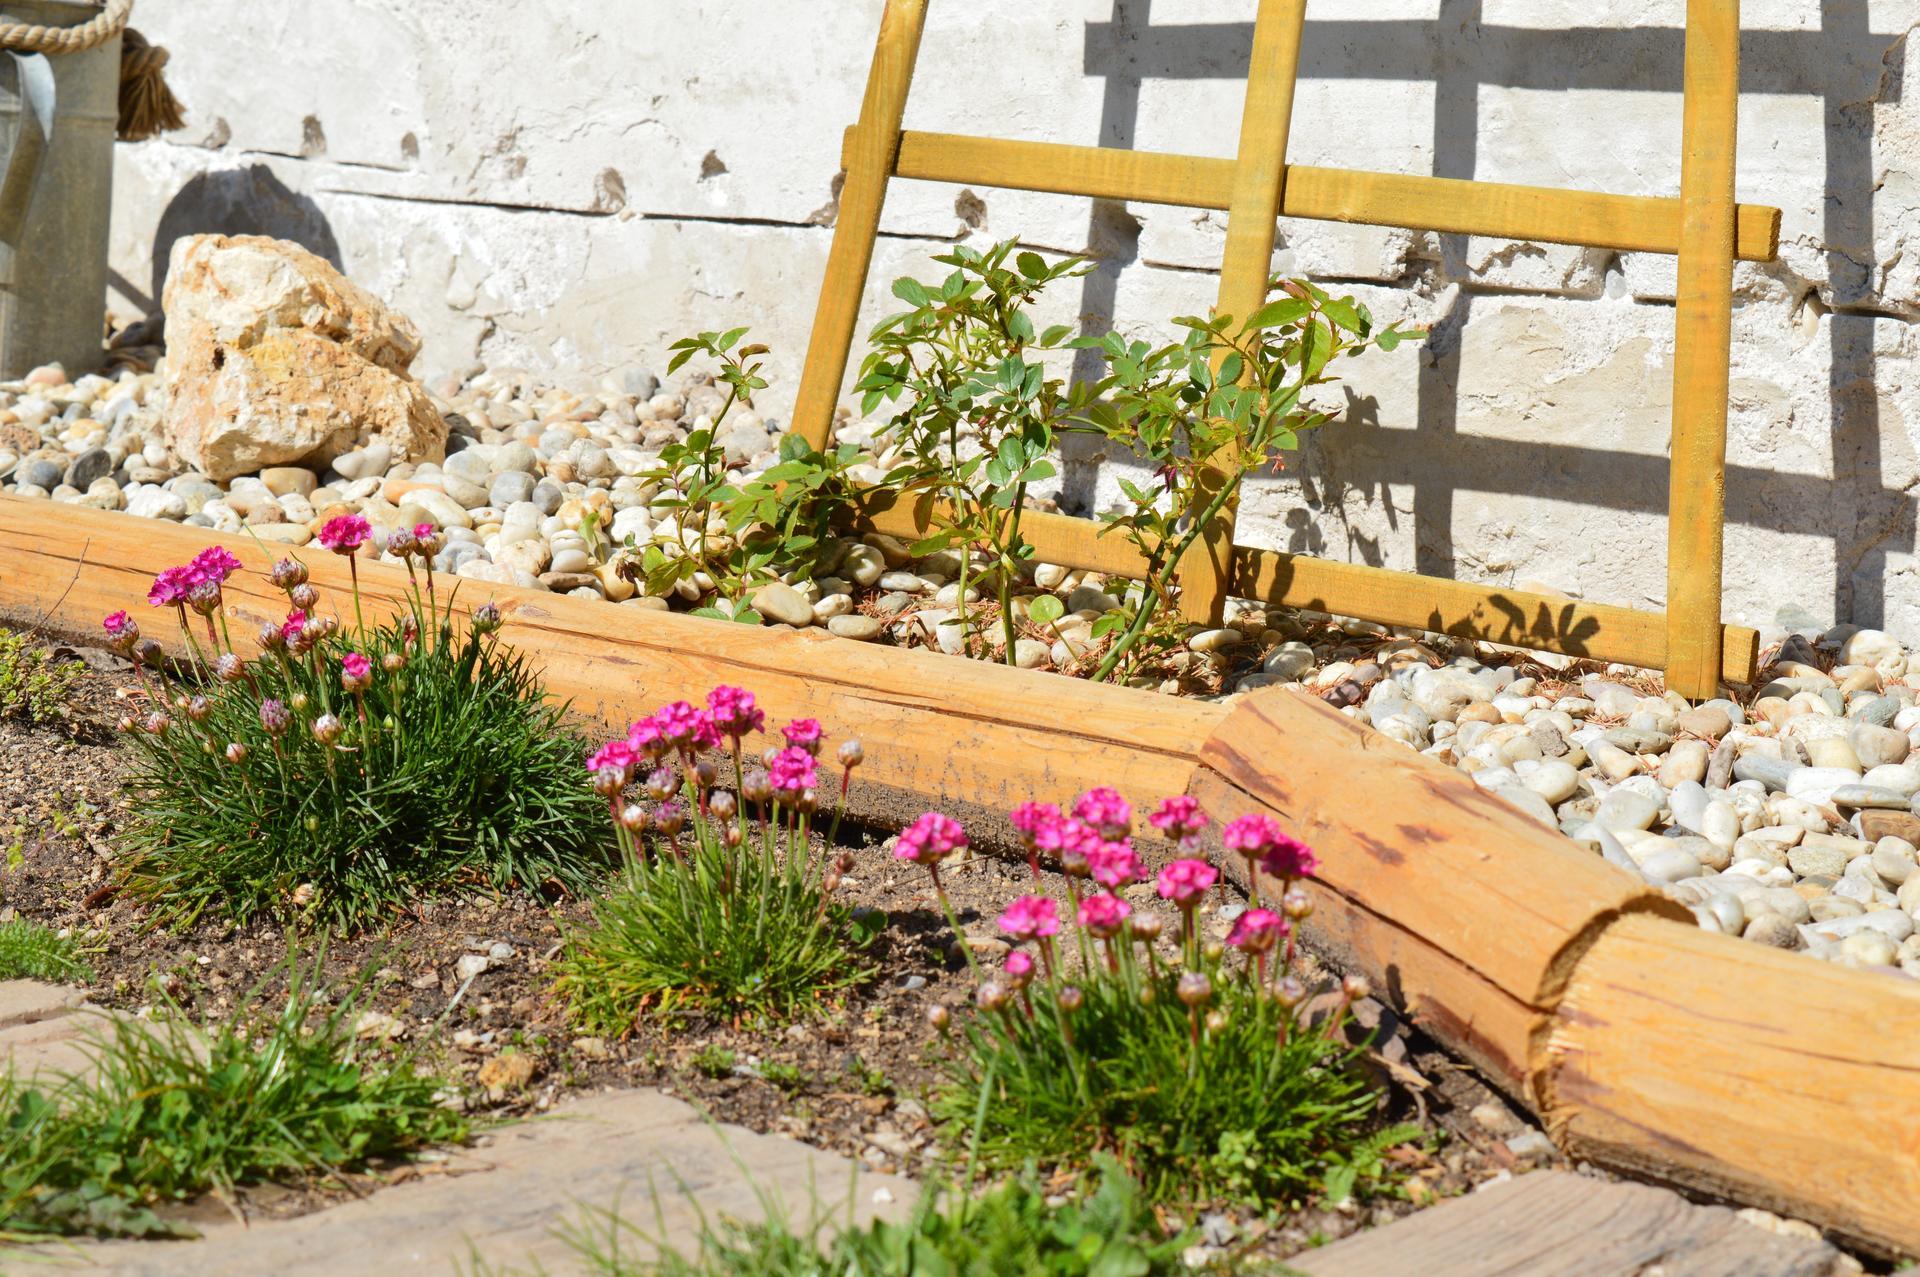 Naša prírodná perma záhradka v roku 2020 - no a tu sme zase vylepšovali, aby sa nám kamienky neváľali kade-tade